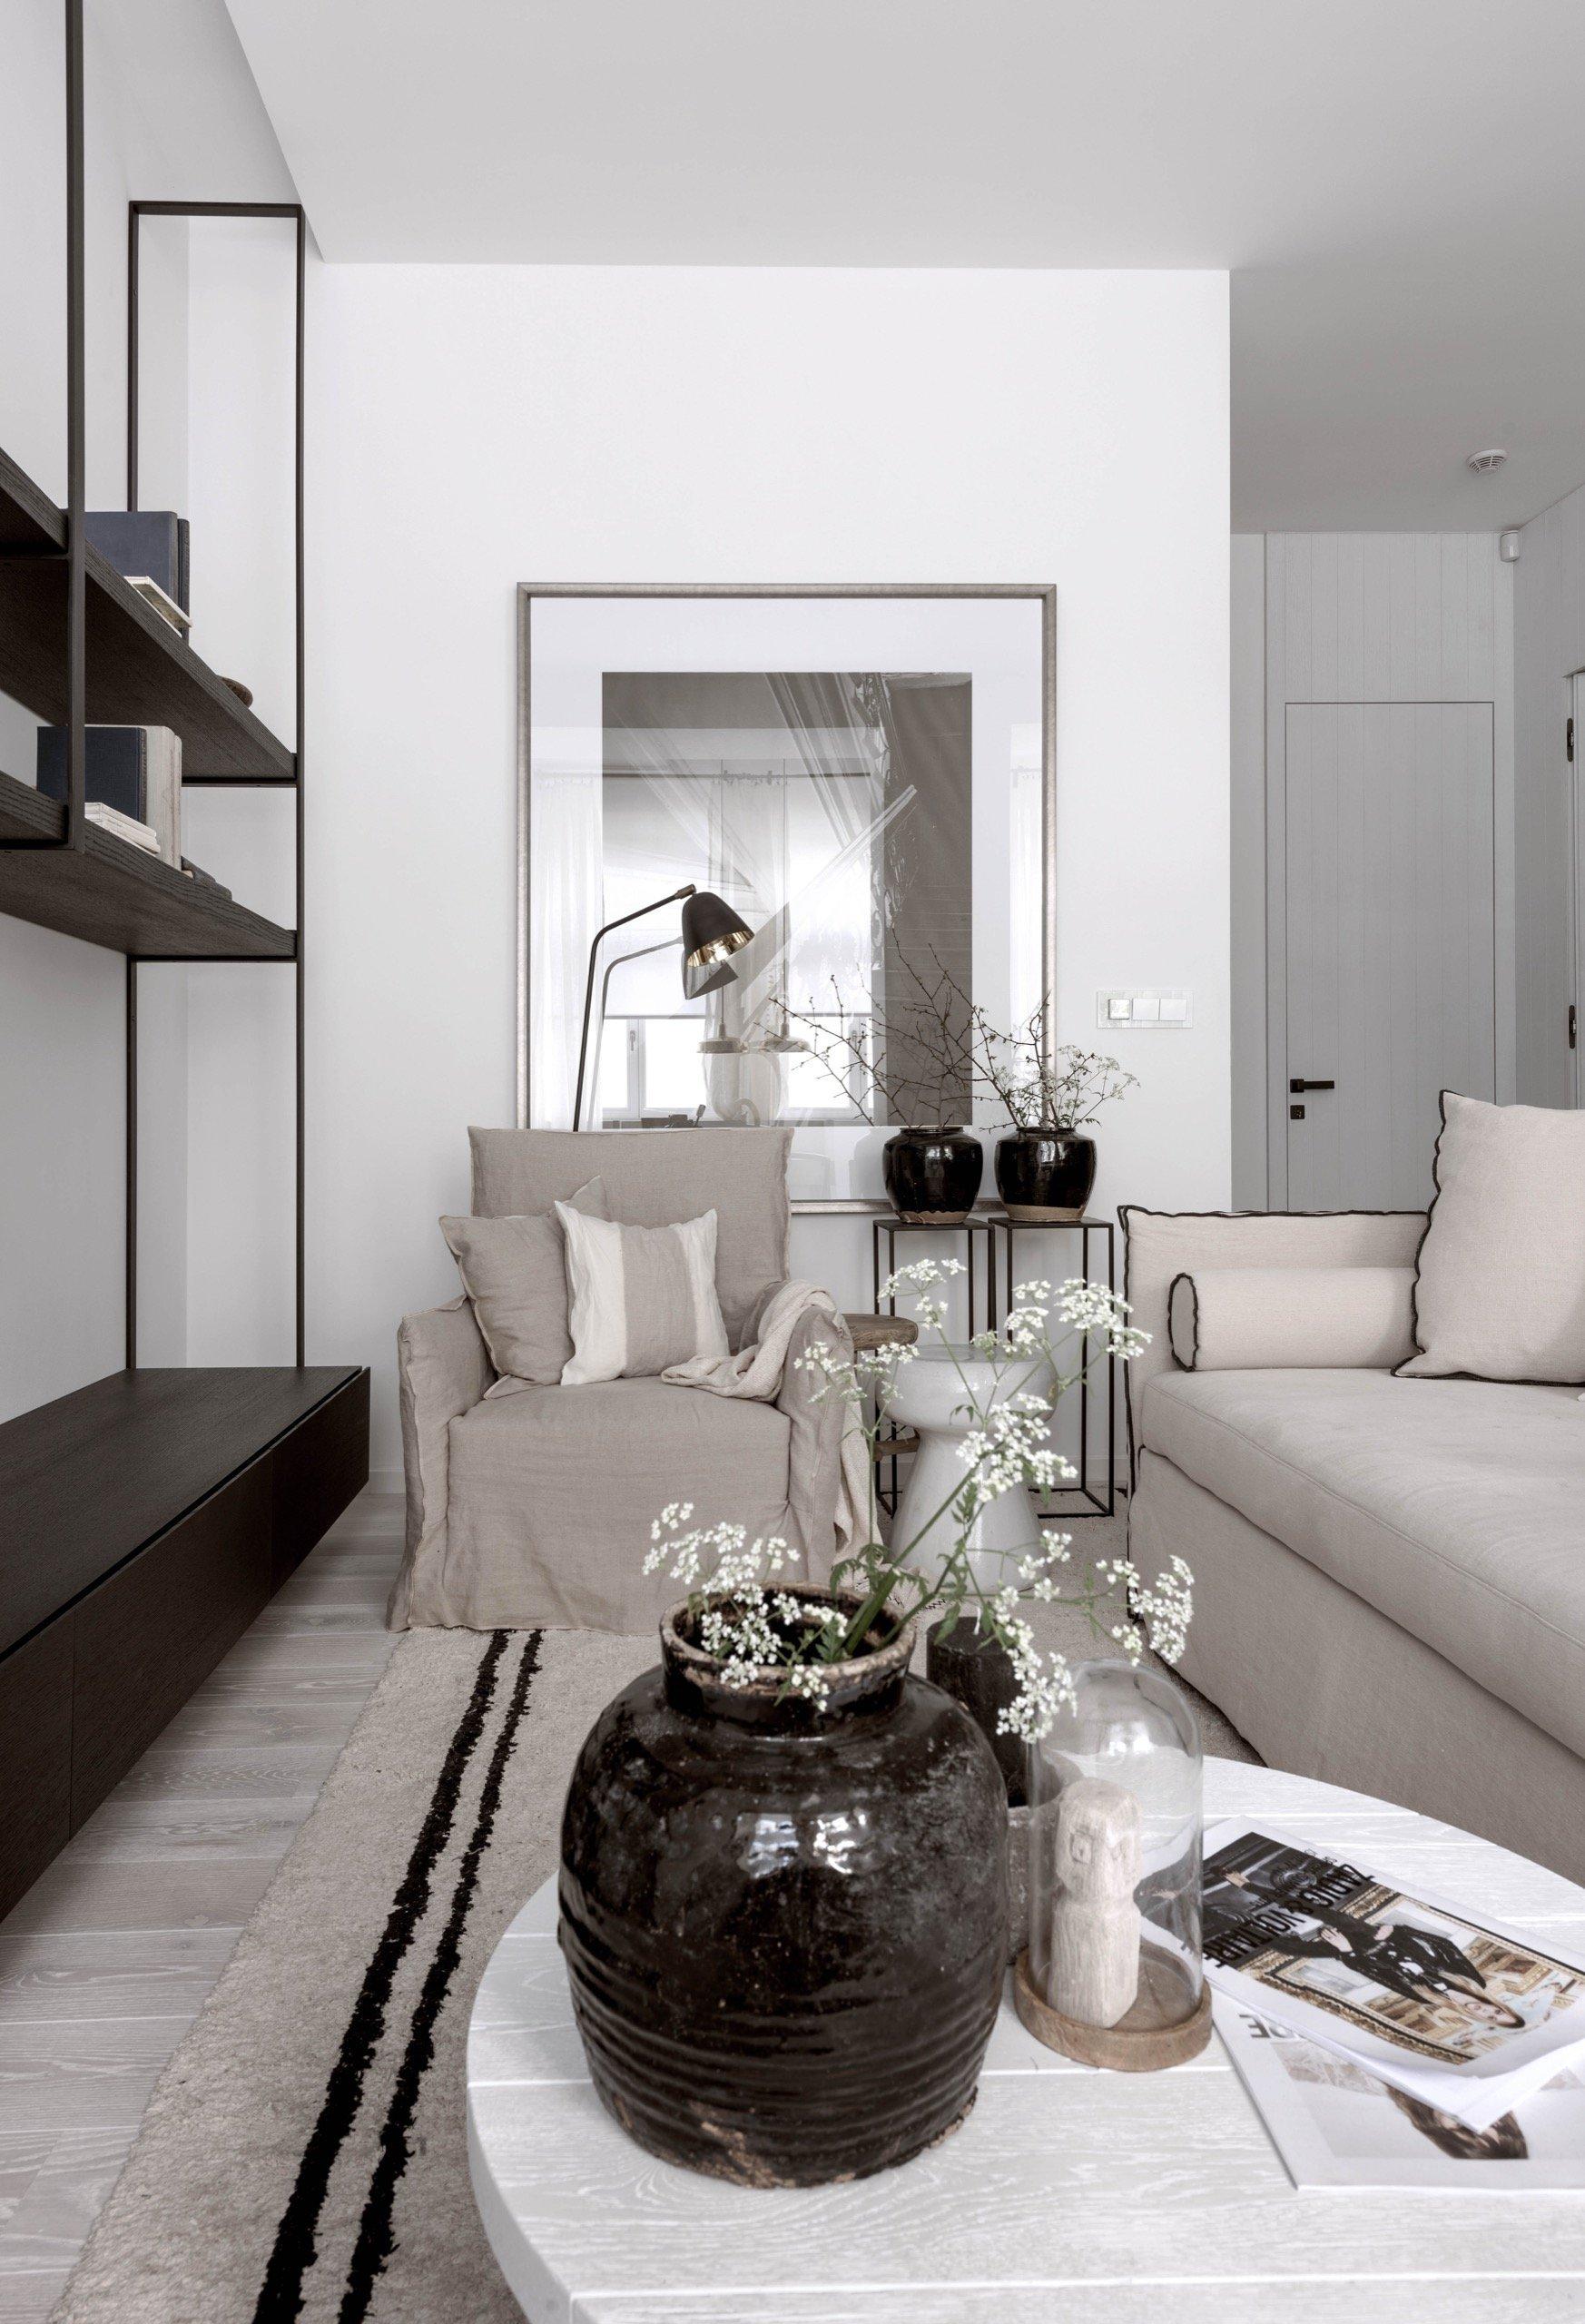 Nepříliš velký dvoupokojový byt s vysokými stropy v kompletně opraveném domě přímo u zastávky MHD měl své kouzlo. Přestože v interiéru nezbylo nic původního,…